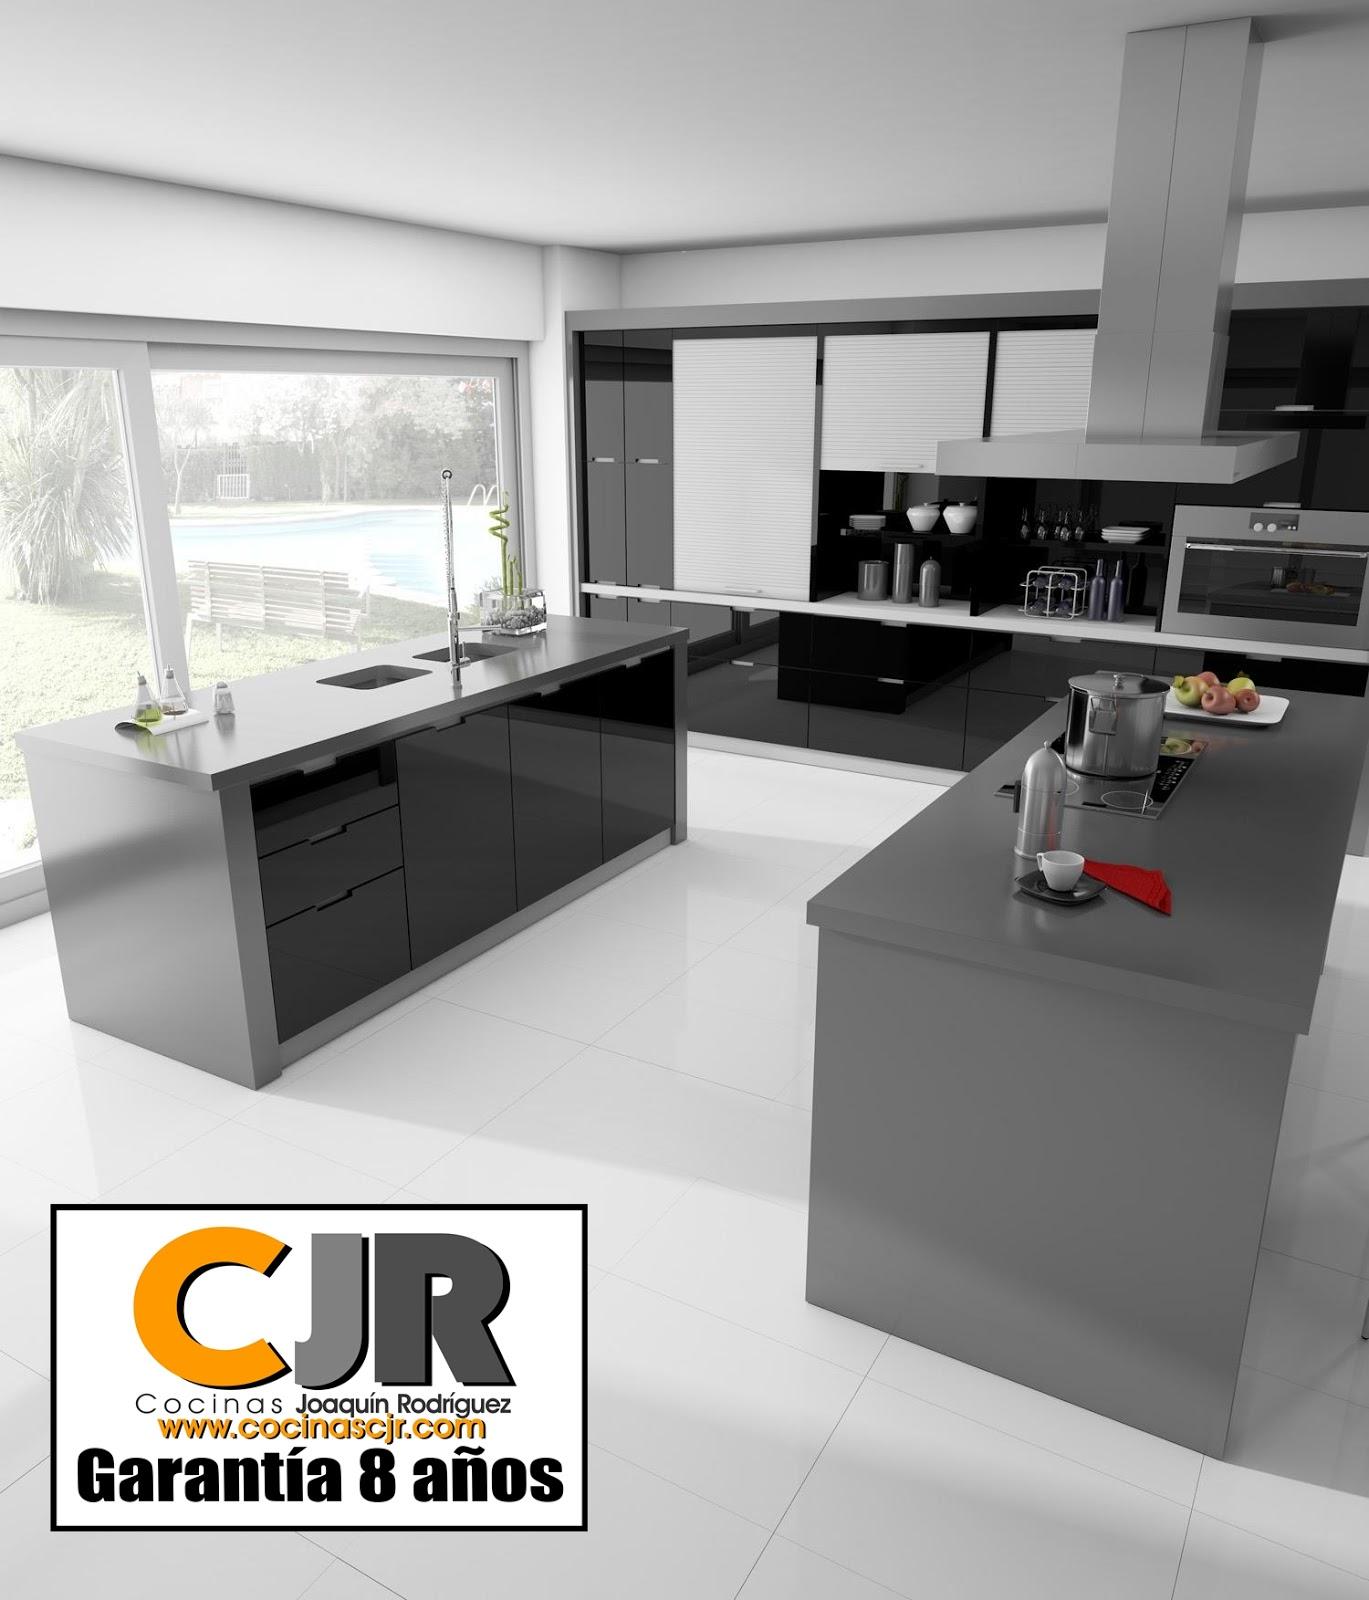 Estudio de cocinas cjr cocinas funcionales cocinas cjr en - Cocinas funcionales ...